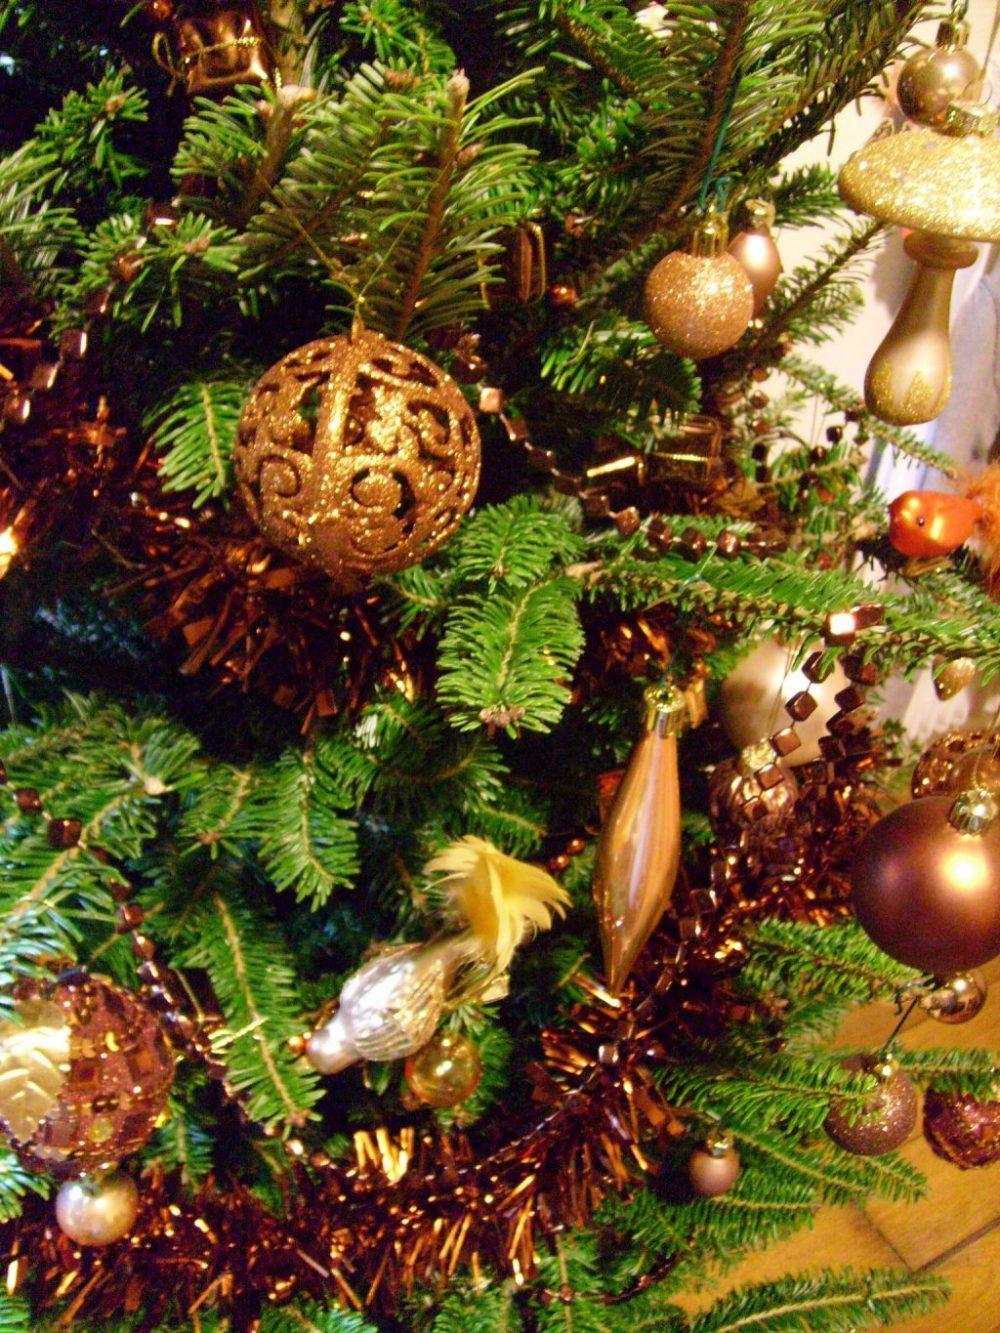 mon beau sapin 2012: sapin castorama, détails boule de noël arabesque paillettes marron, oiseau or, goutte d'eau or et guirlandes cubes marrons